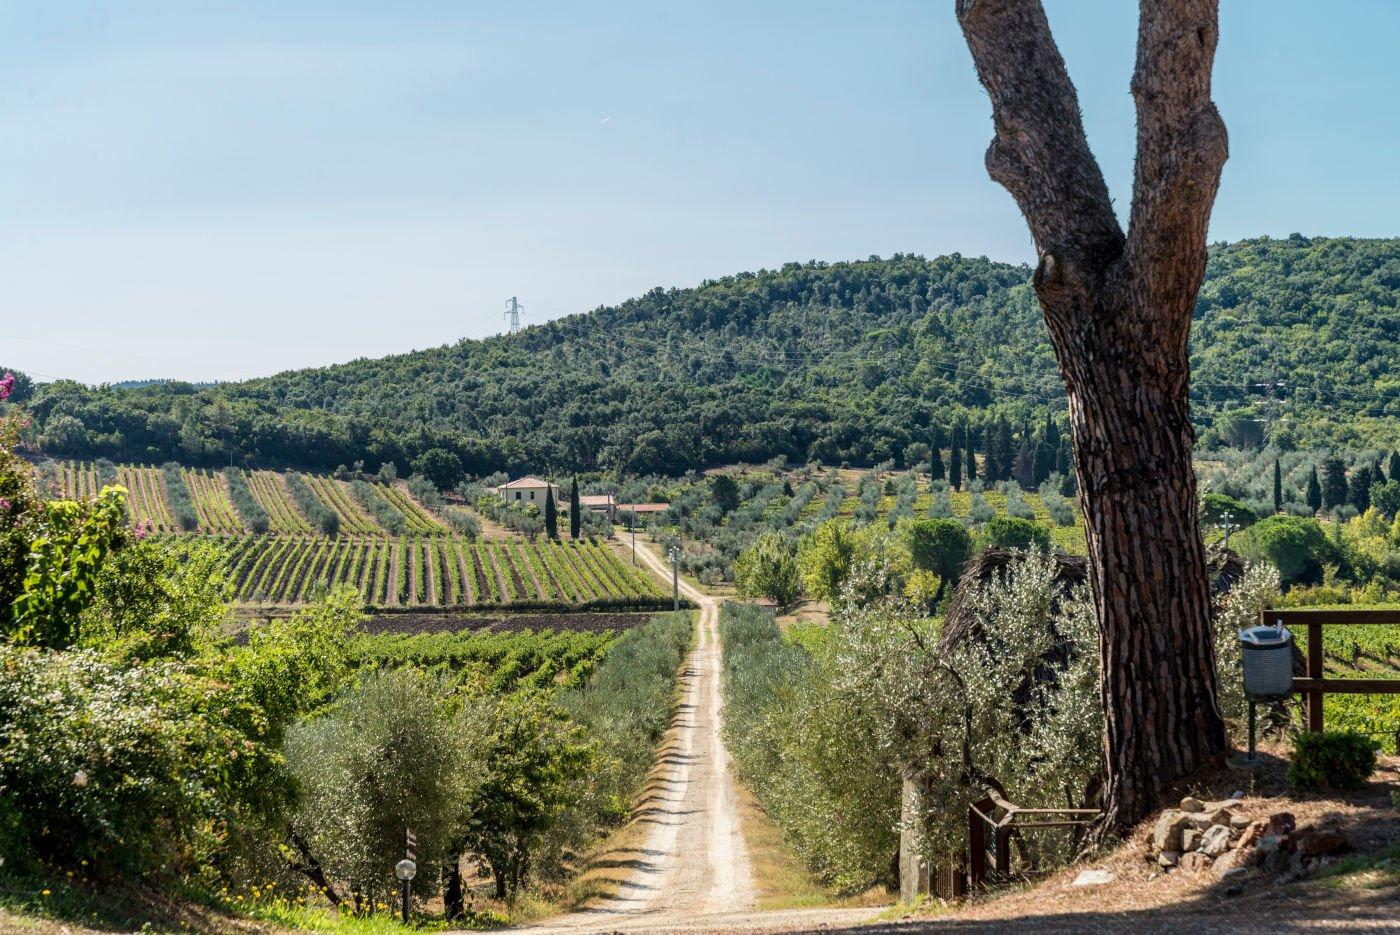 Bulichella Azienda Agricola Toscana